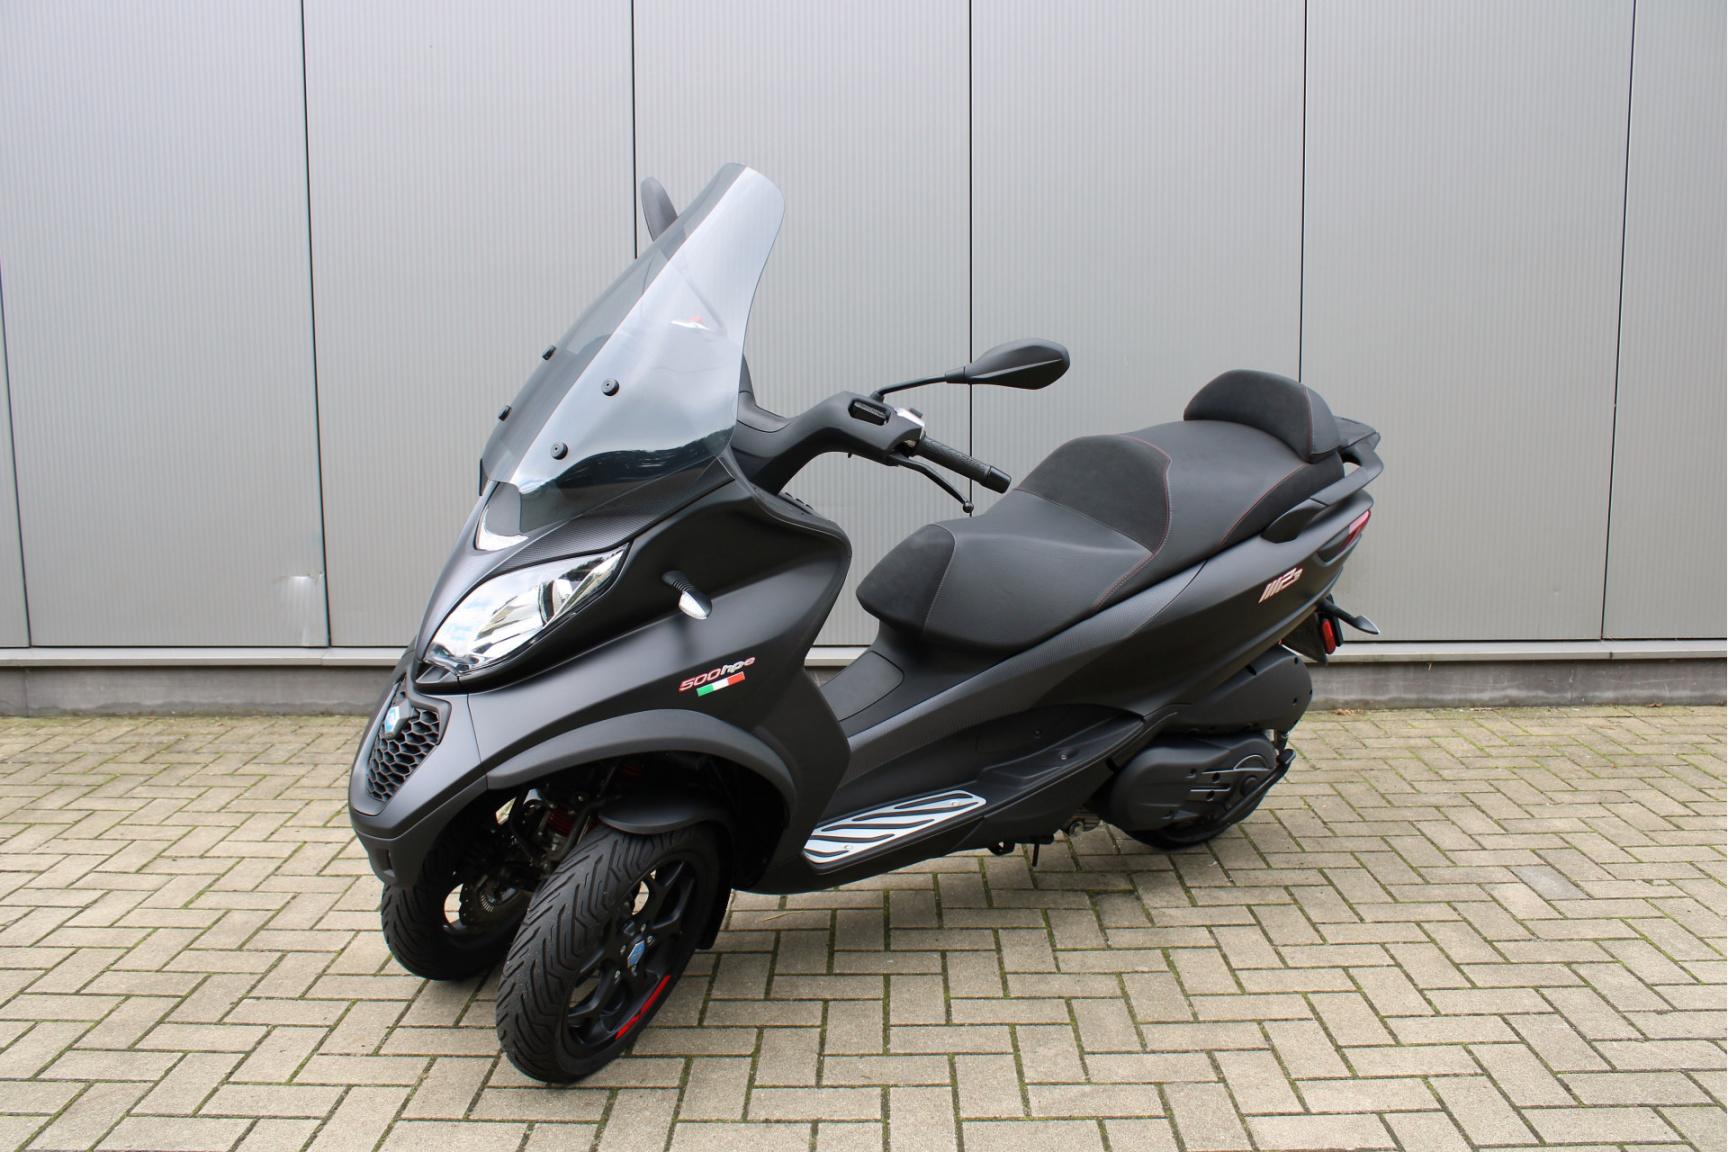 Piaggio-500 MP3 HPE Sport 4678KM Bouwjaar 2020-1